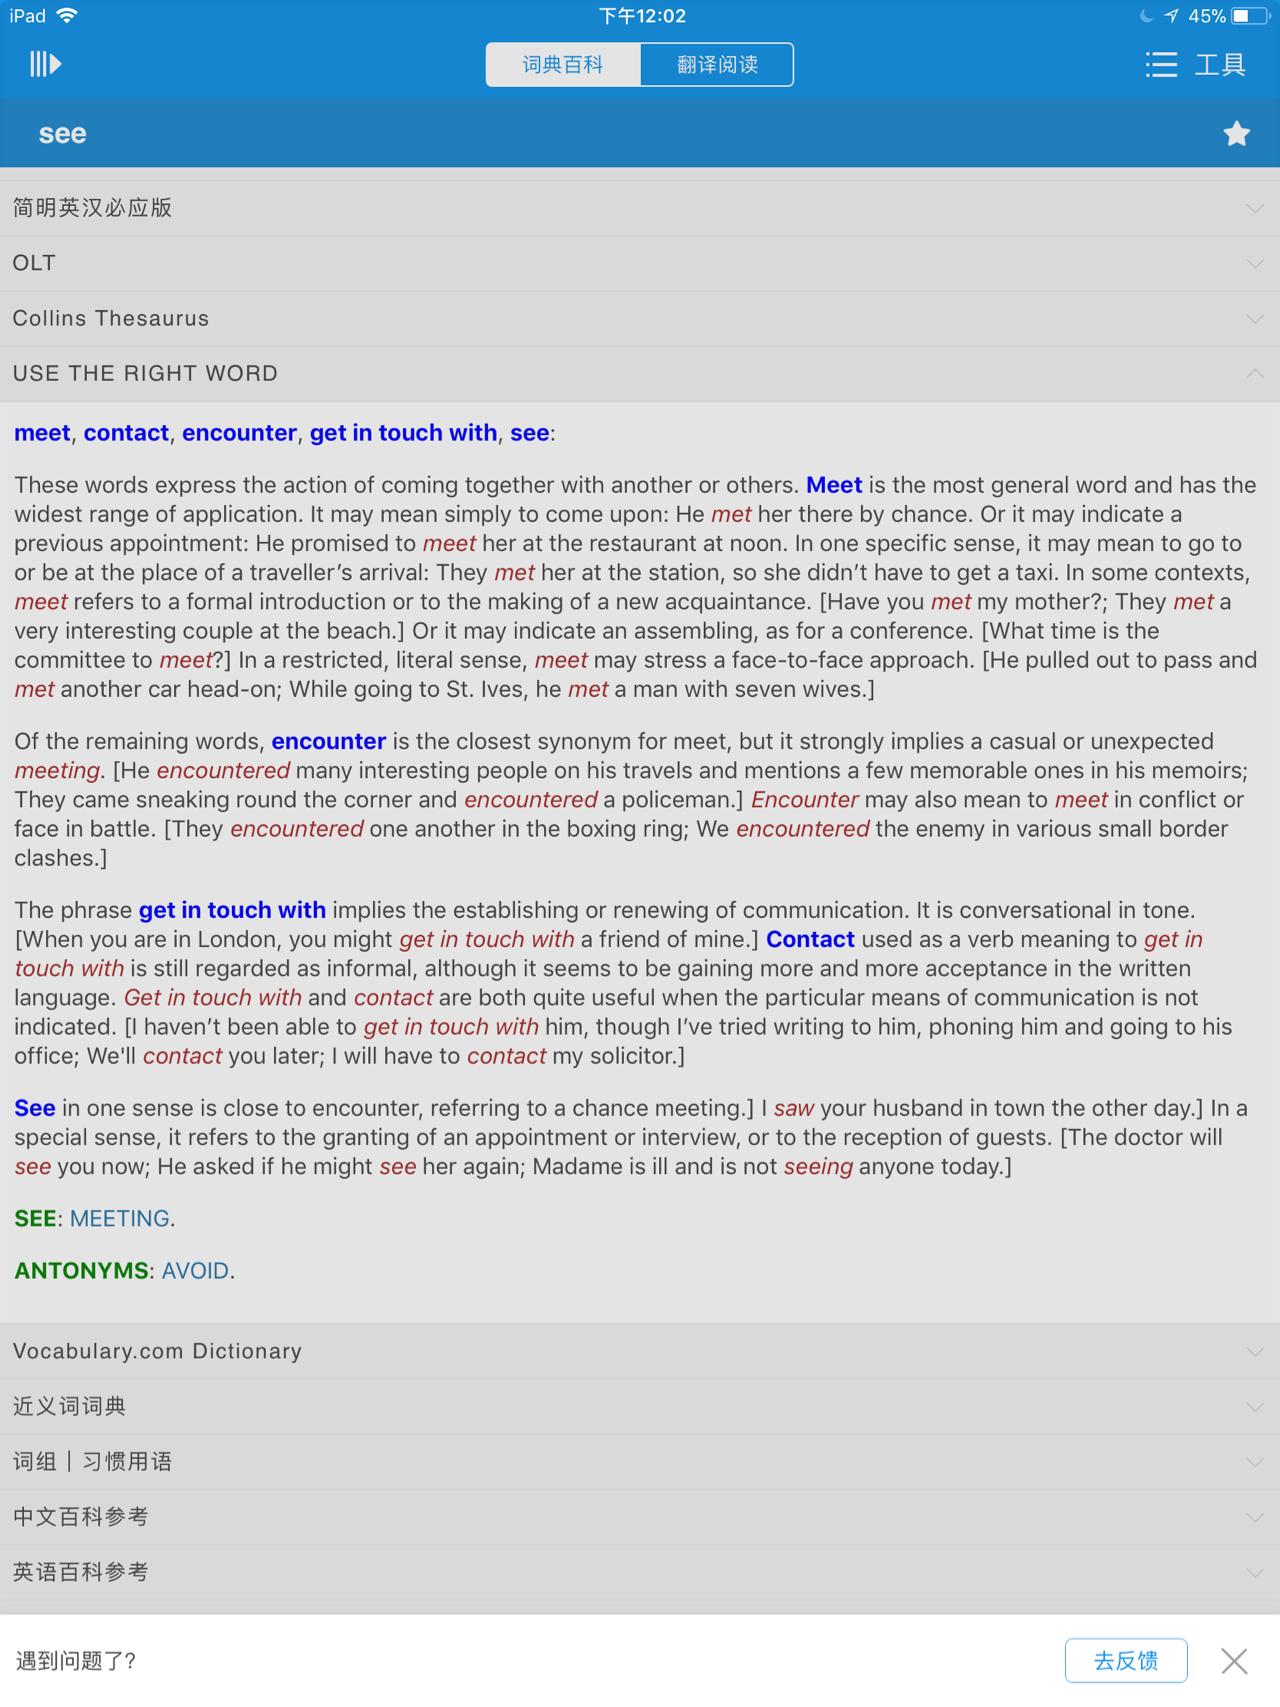 韦伯字典网站_英语学习者该如何打磨欧路词典? - 知乎